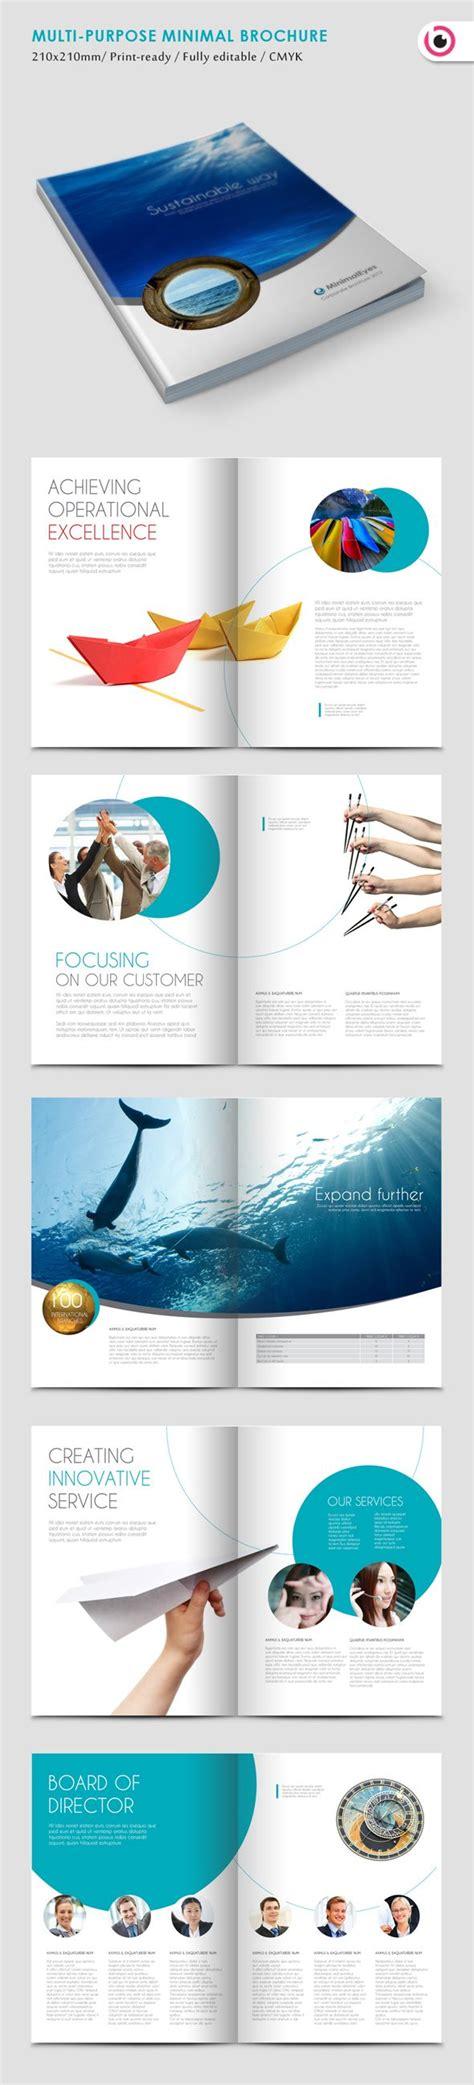 booklet layout design sles 193 best brochure design layout images on pinterest